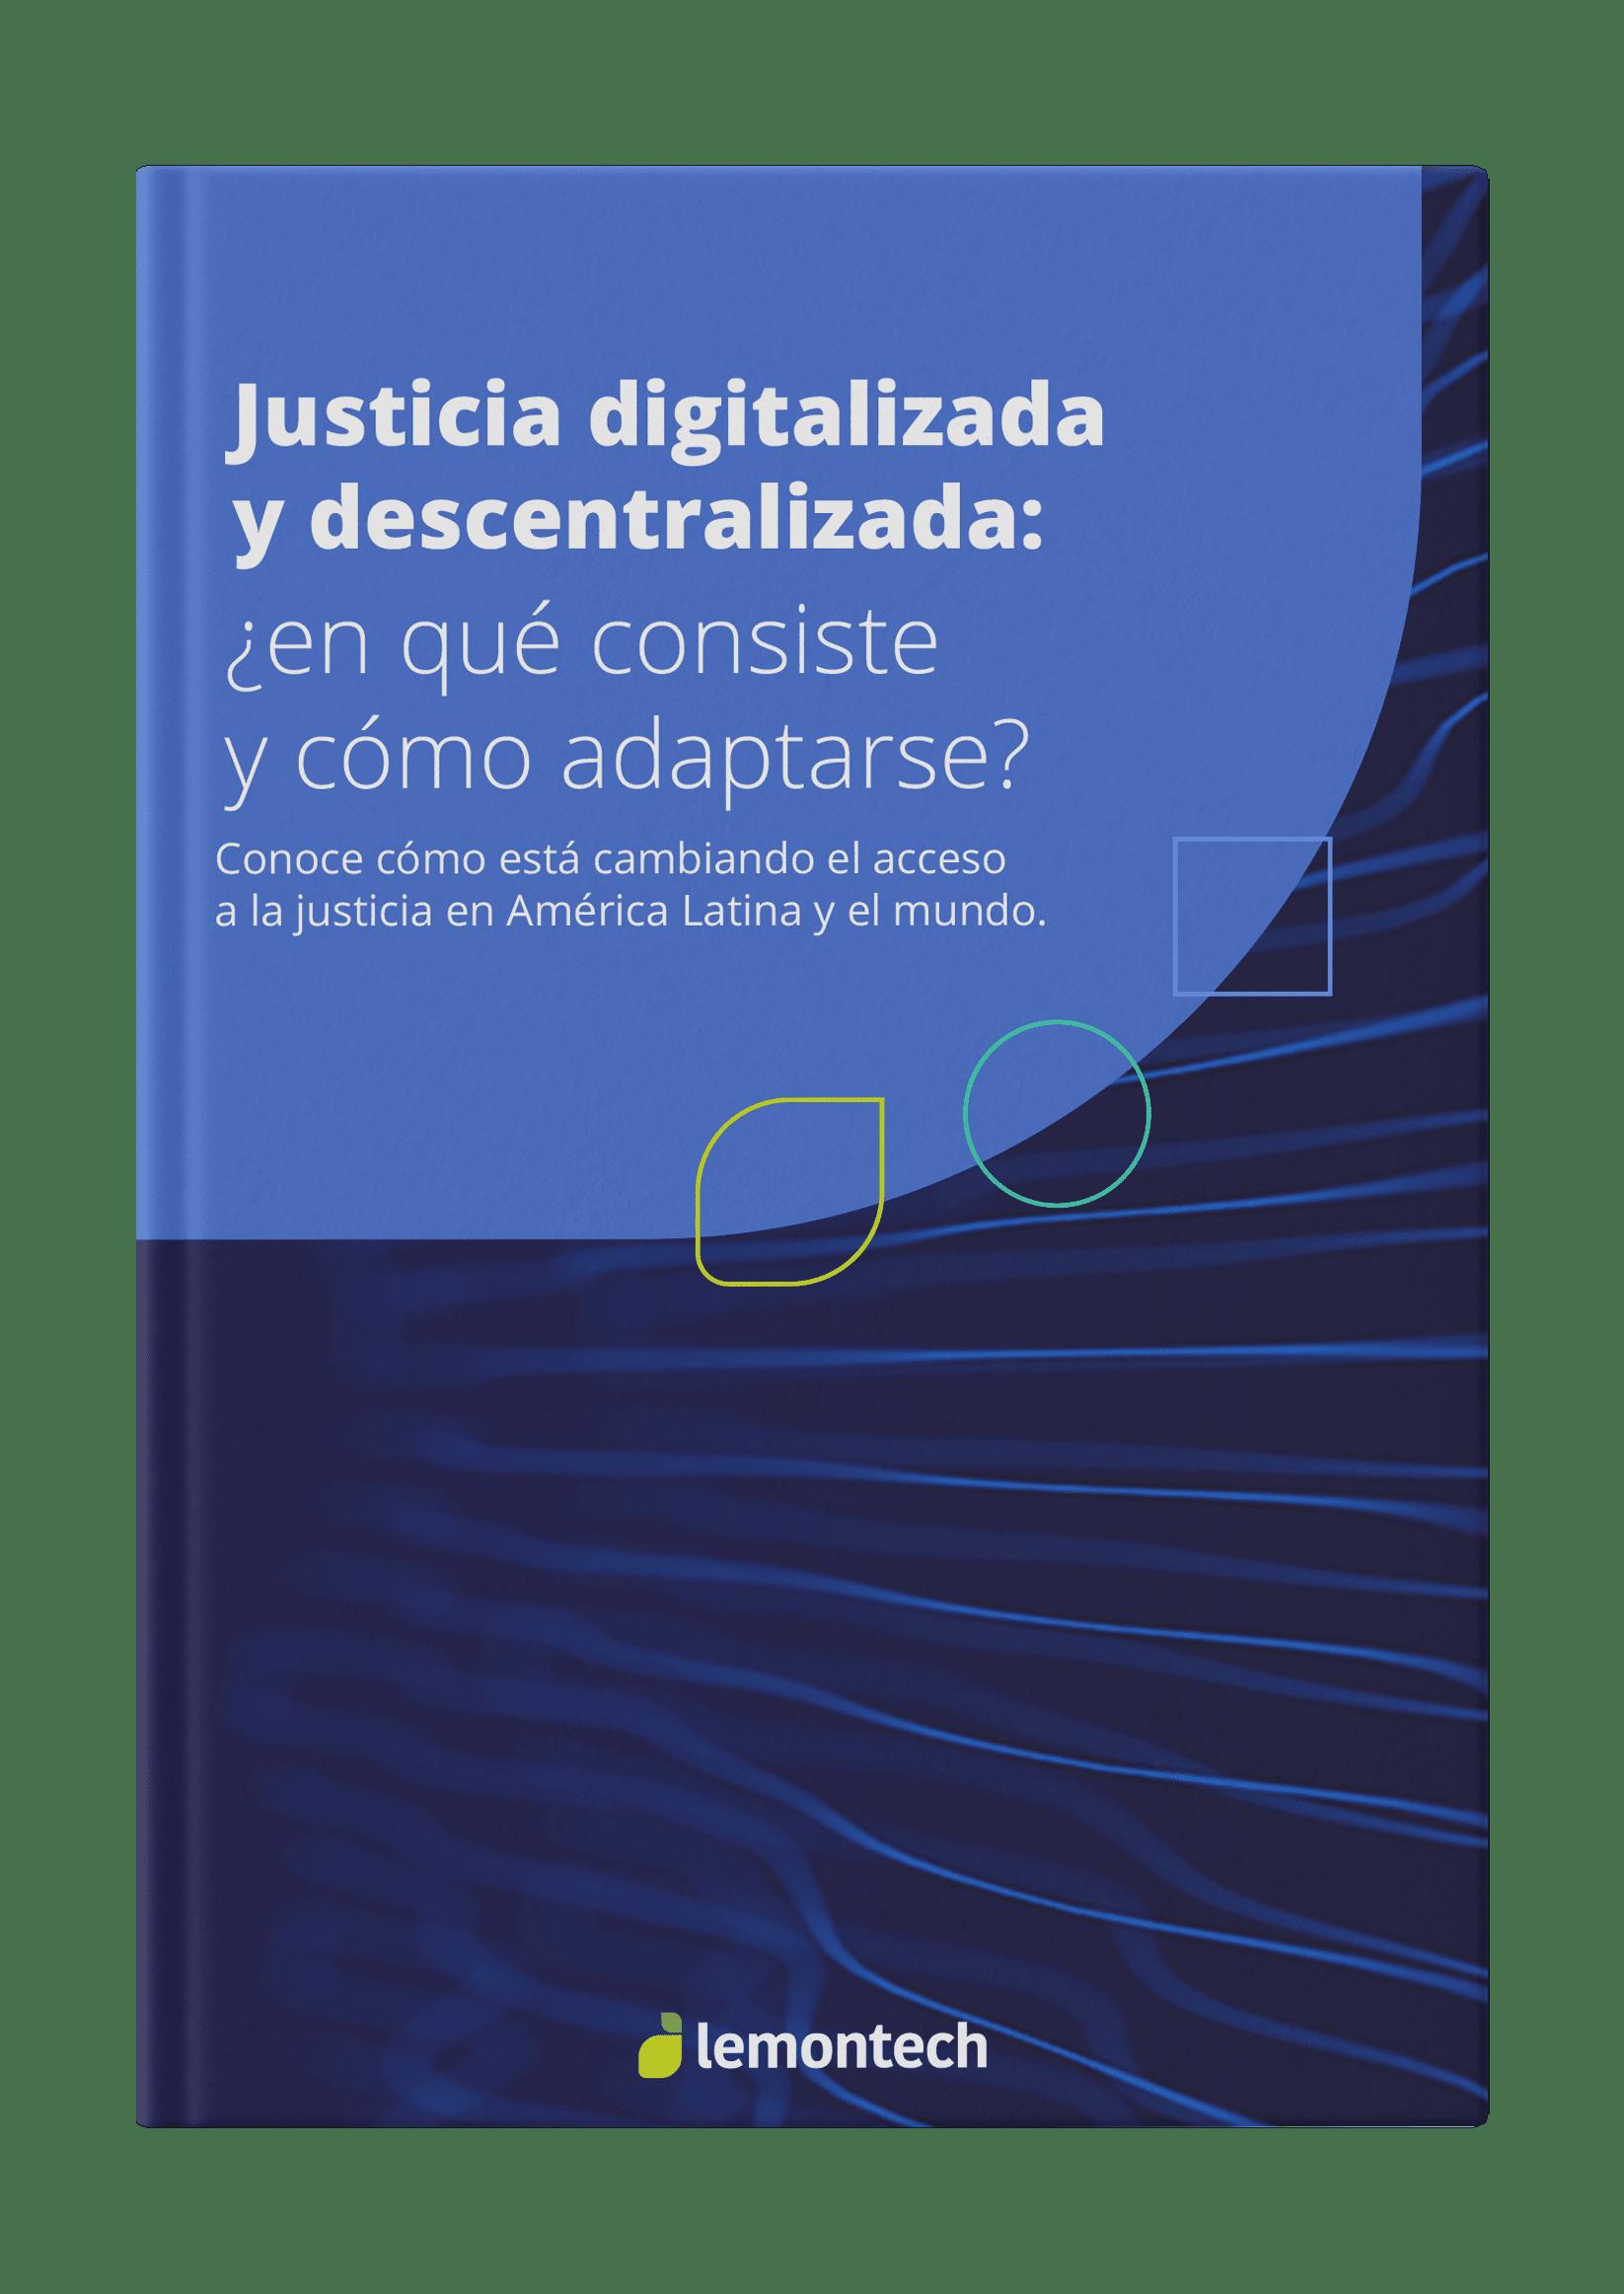 LMN - Justicia descentralizada - Portada 3D v2 (2)